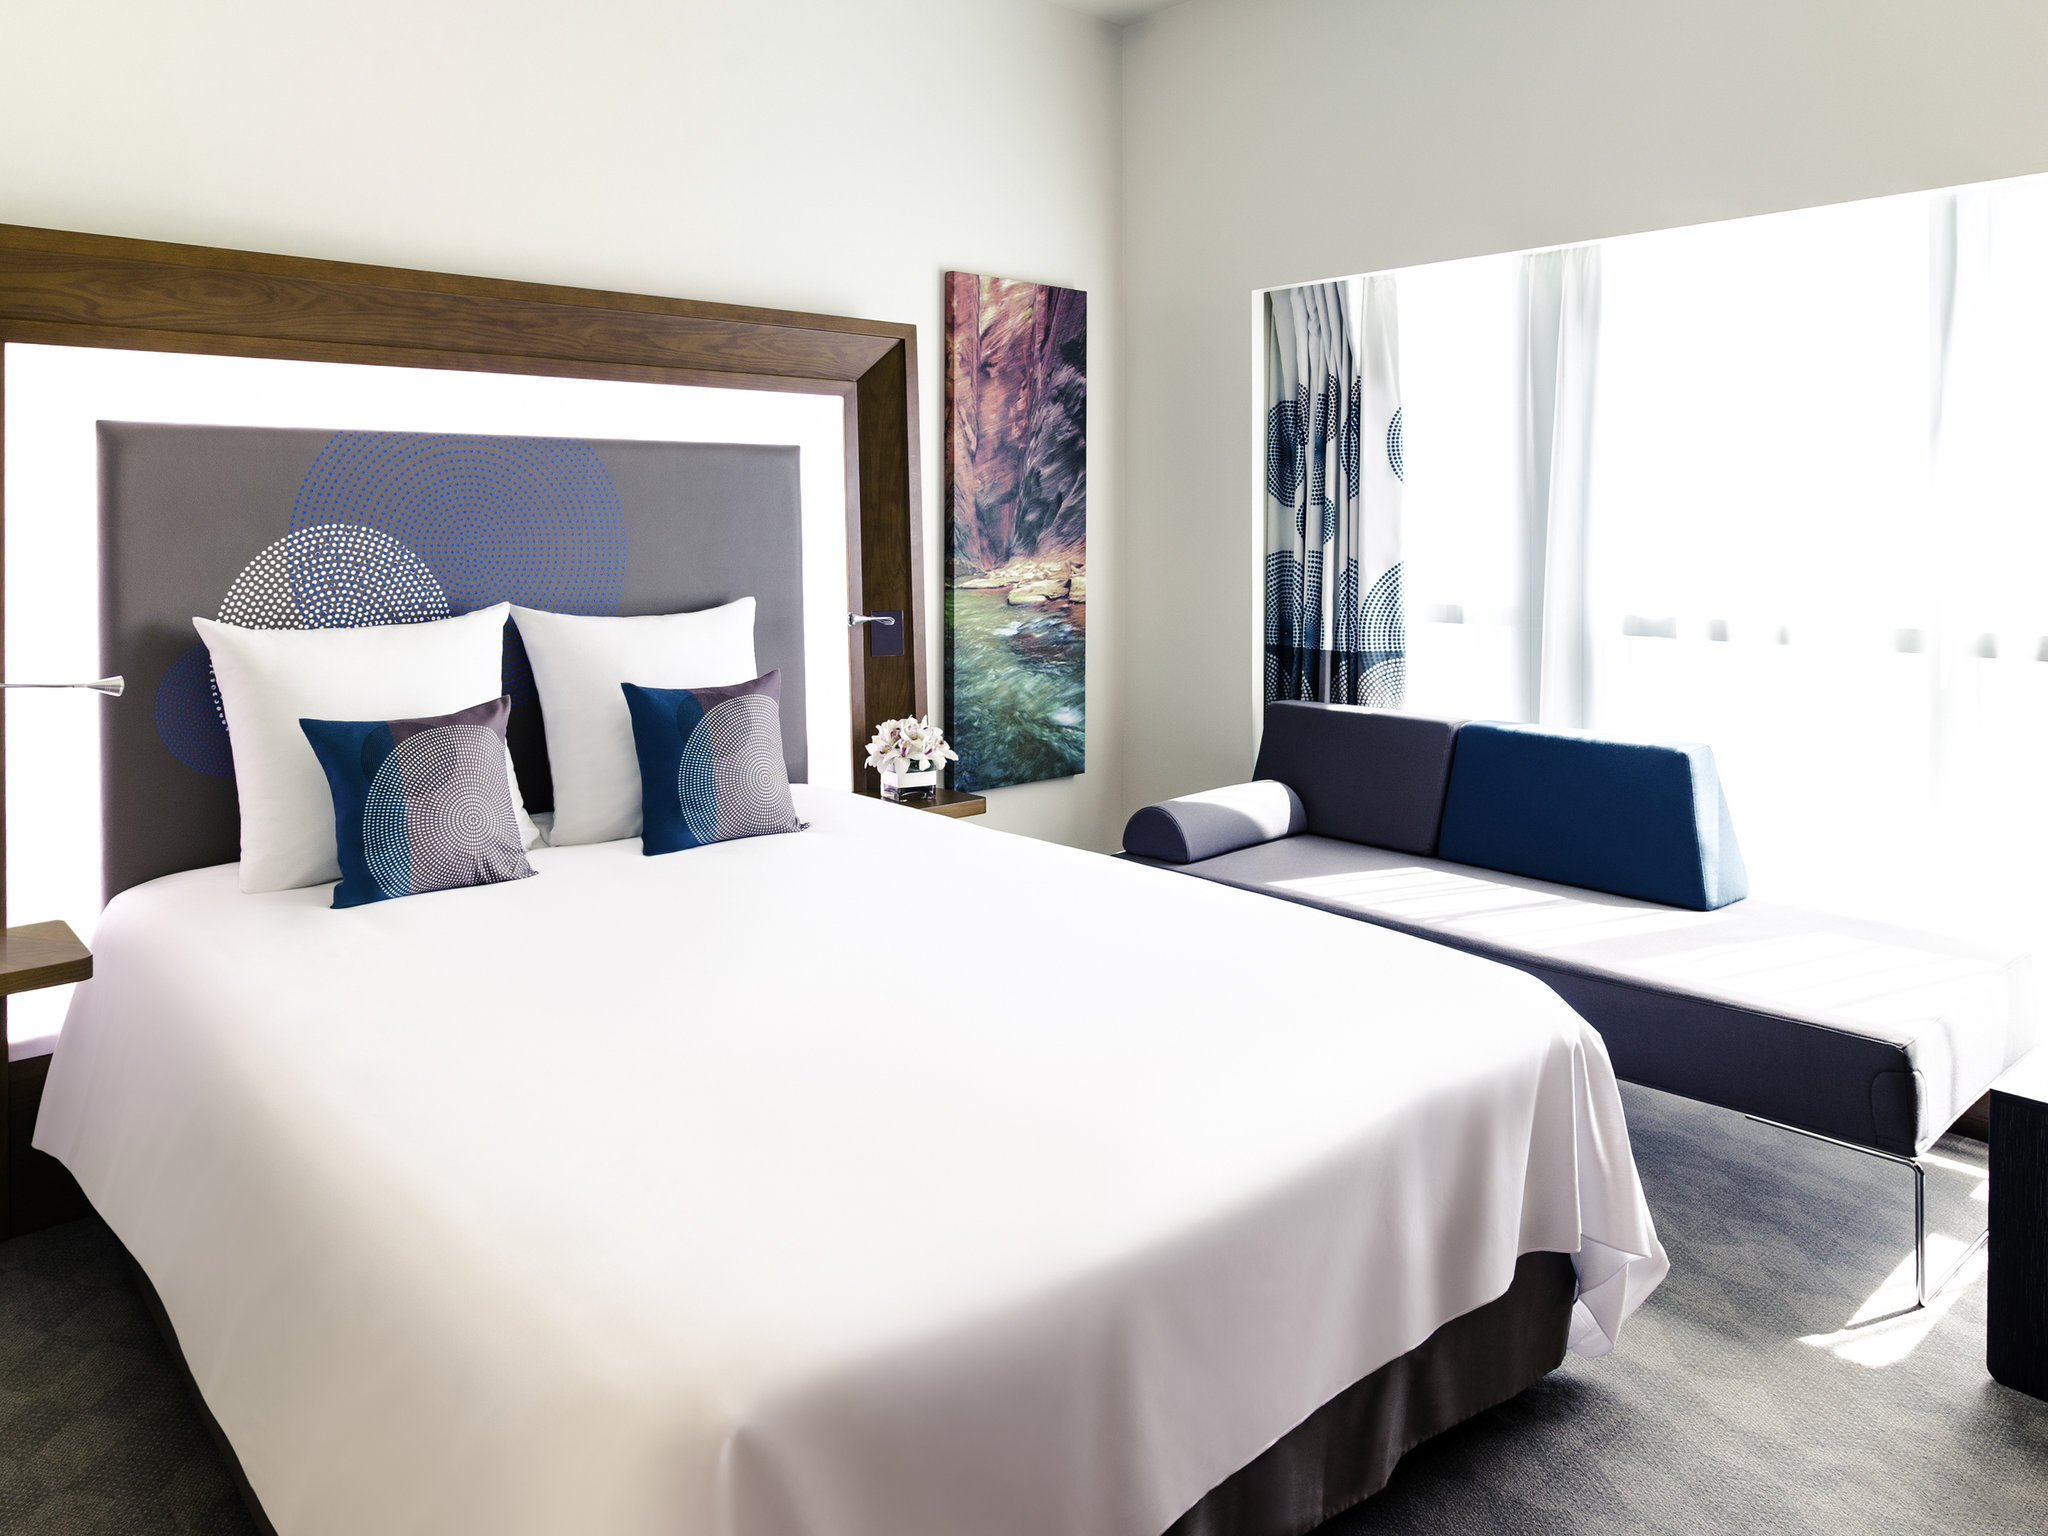 فندق - فندق نوفوتيل Novotel الفجيرة